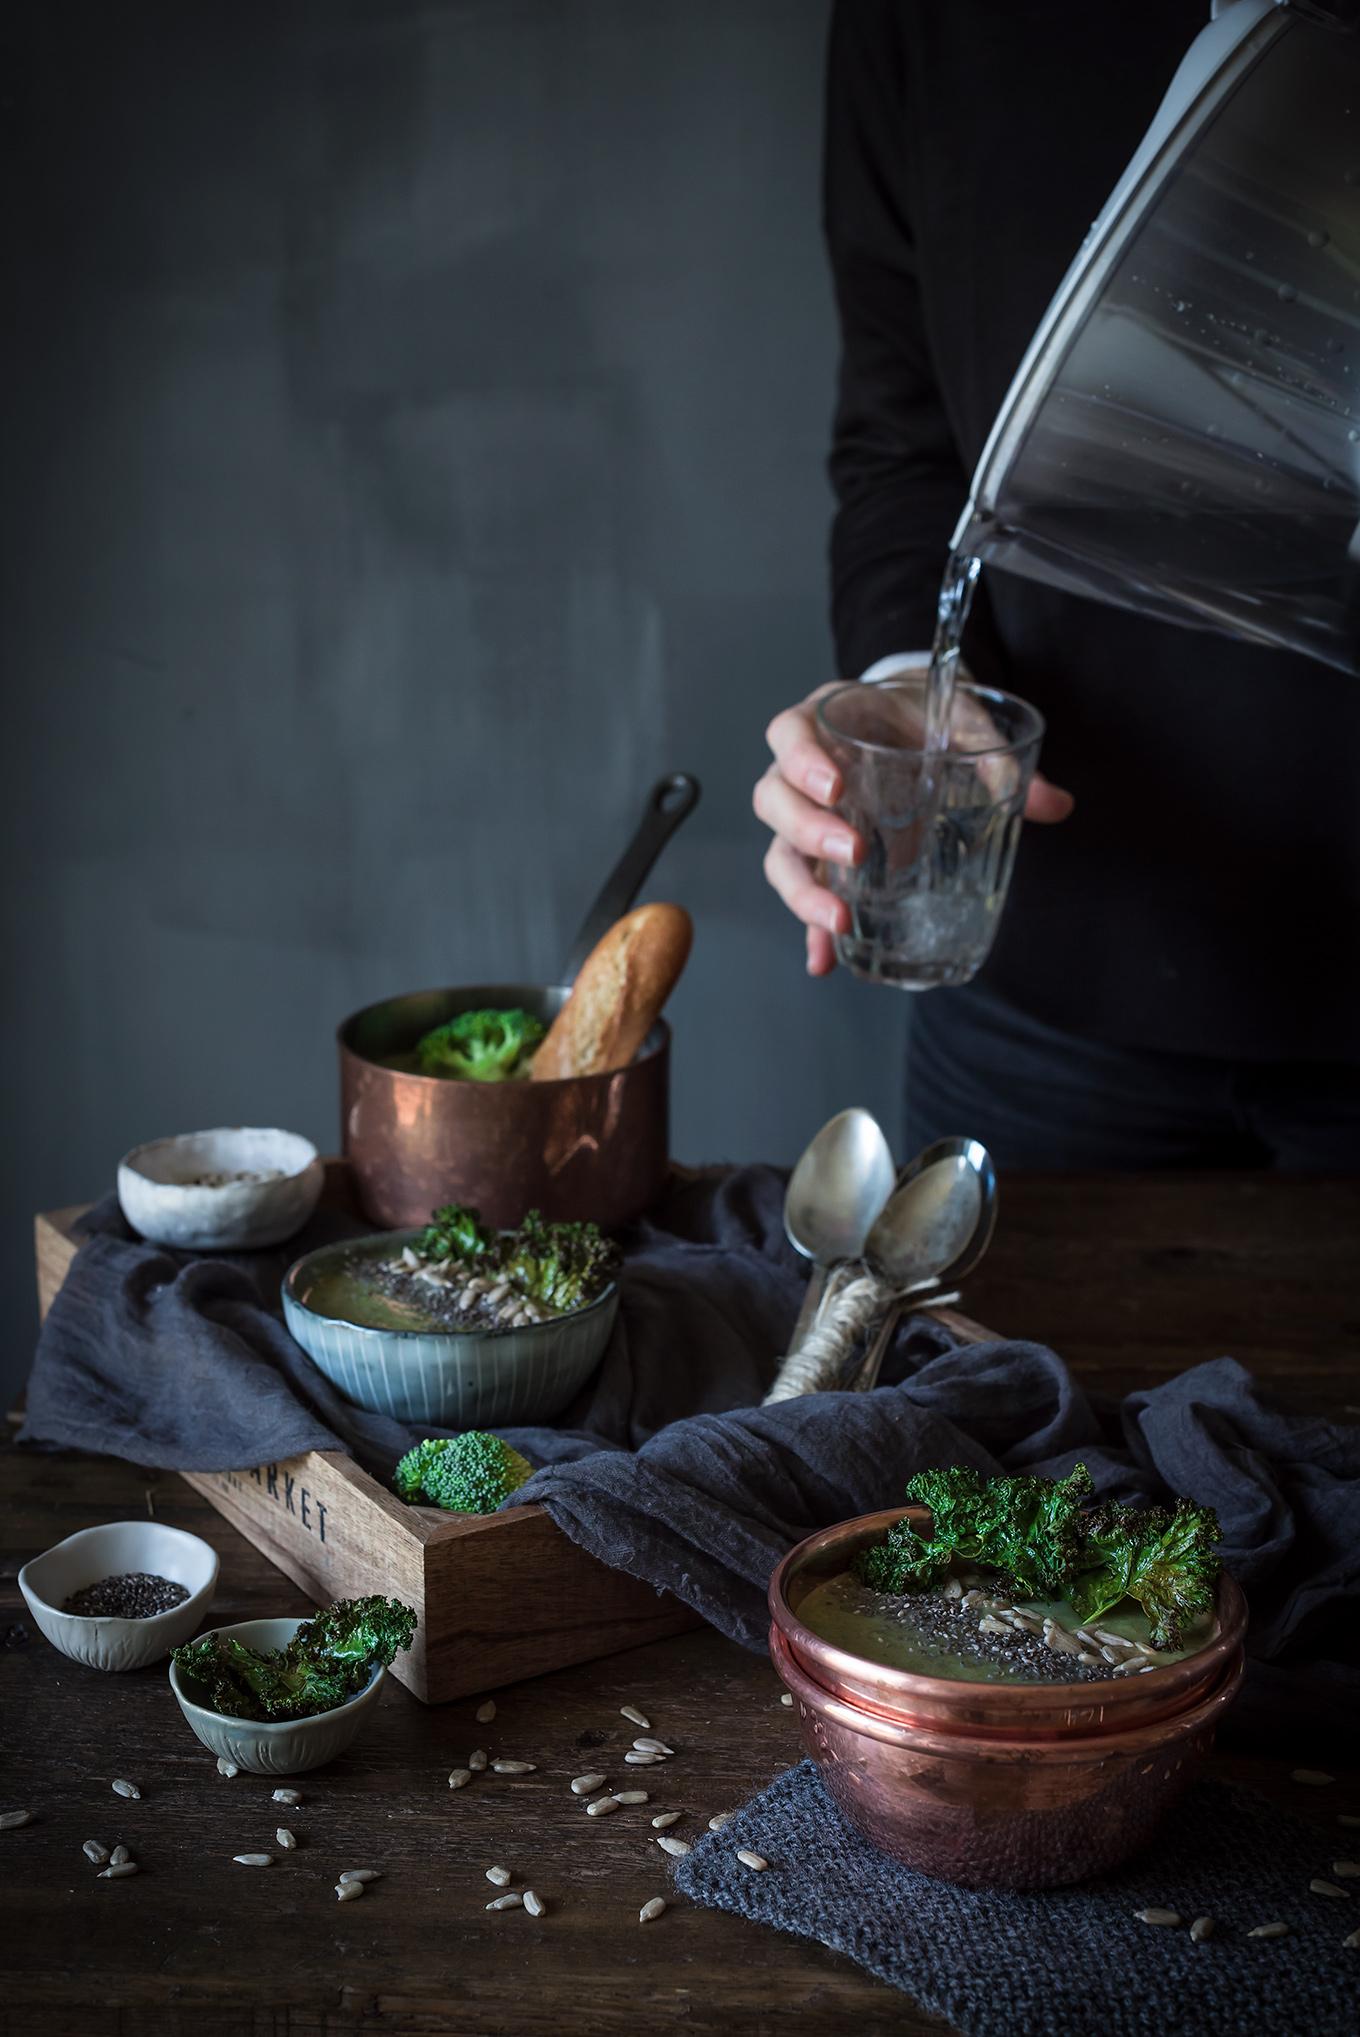 Como hacer crema de brócoli y espinacas